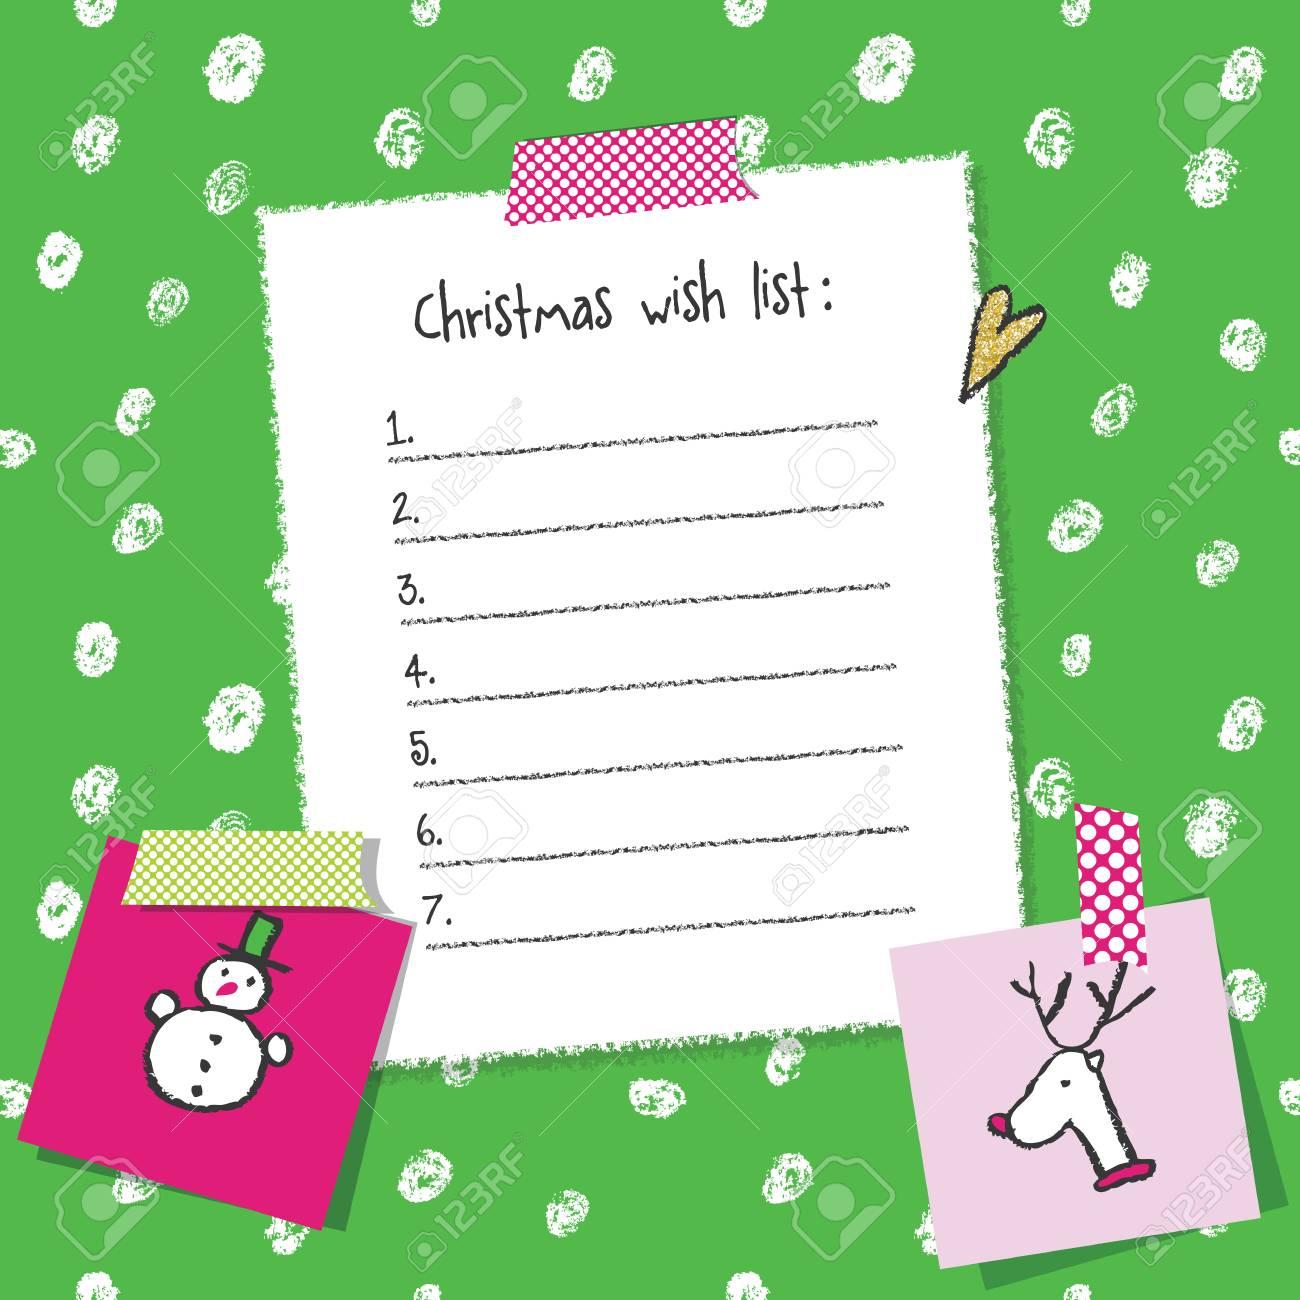 Großzügig Weihnachten Geschenkgutscheine Vorlagen Bilder ...